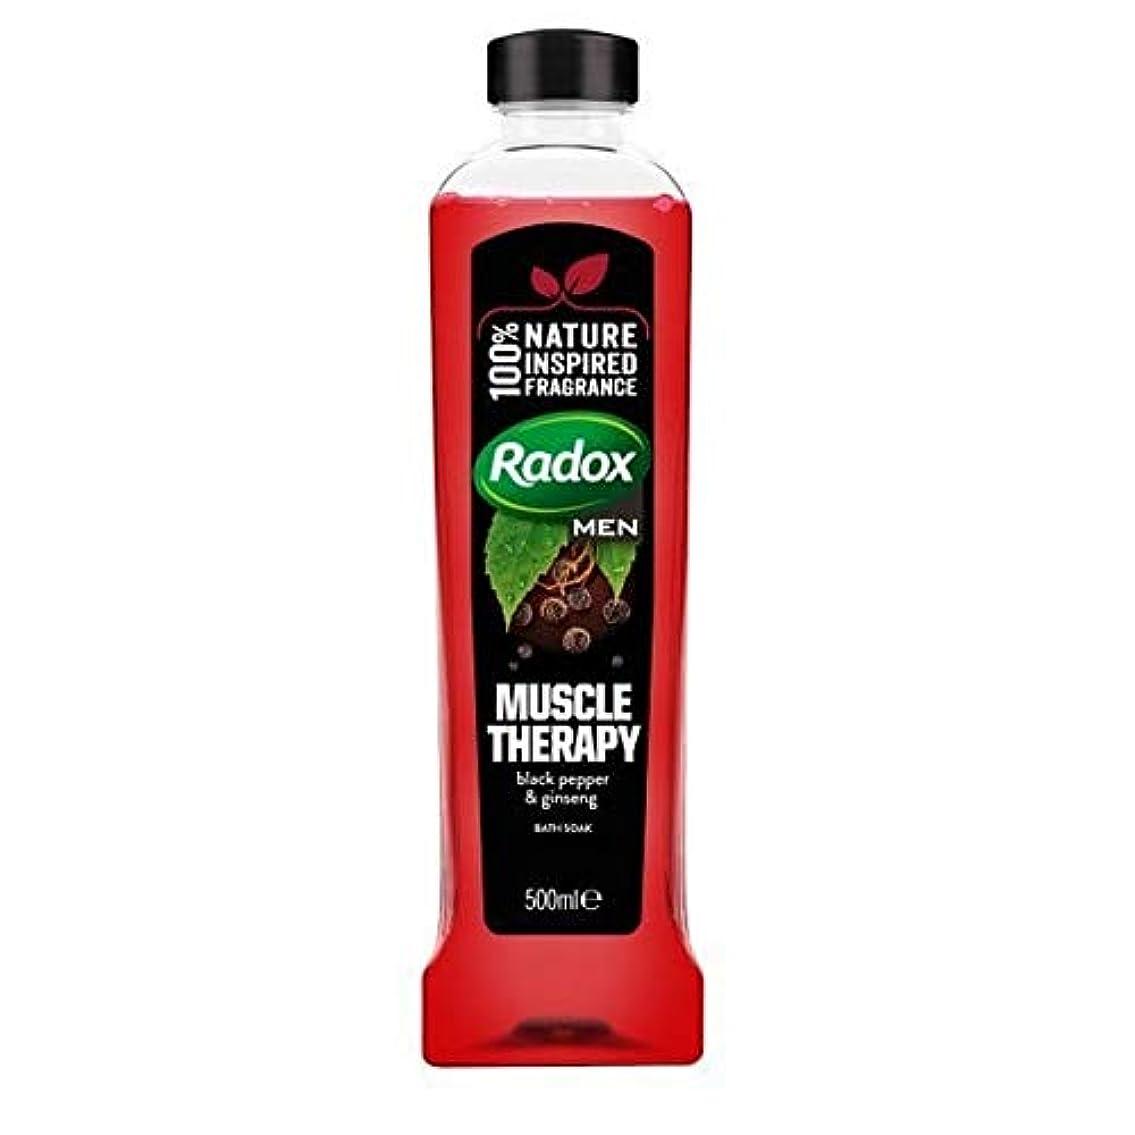 誇張天窓委員会[Radox] Radoxは、500ミリリットルのソーク良い香り筋肉の治療風呂を感じます - Radox Feel Good Fragrance Muscle Therapy Bath Soak 500ml [並行輸入品]